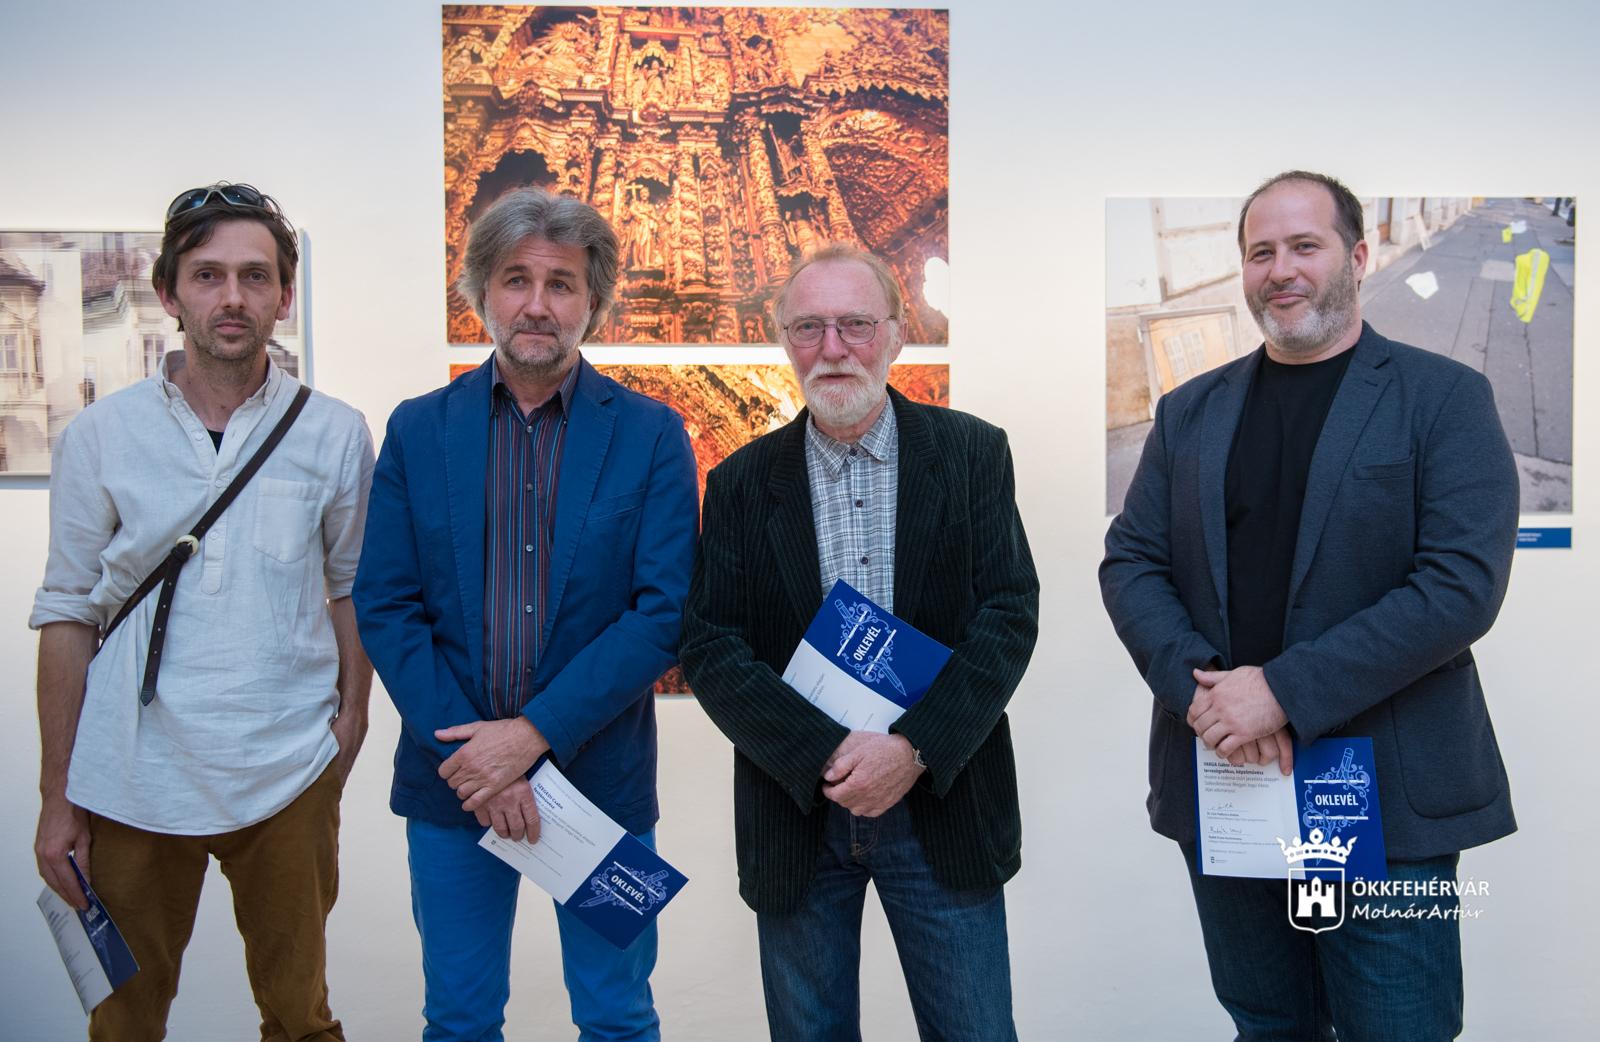 Négyen az öt díjazott közül: Mosberger Róbert, Szegedi Csaba, Pinke Miklós és Varga Gábor Farkas